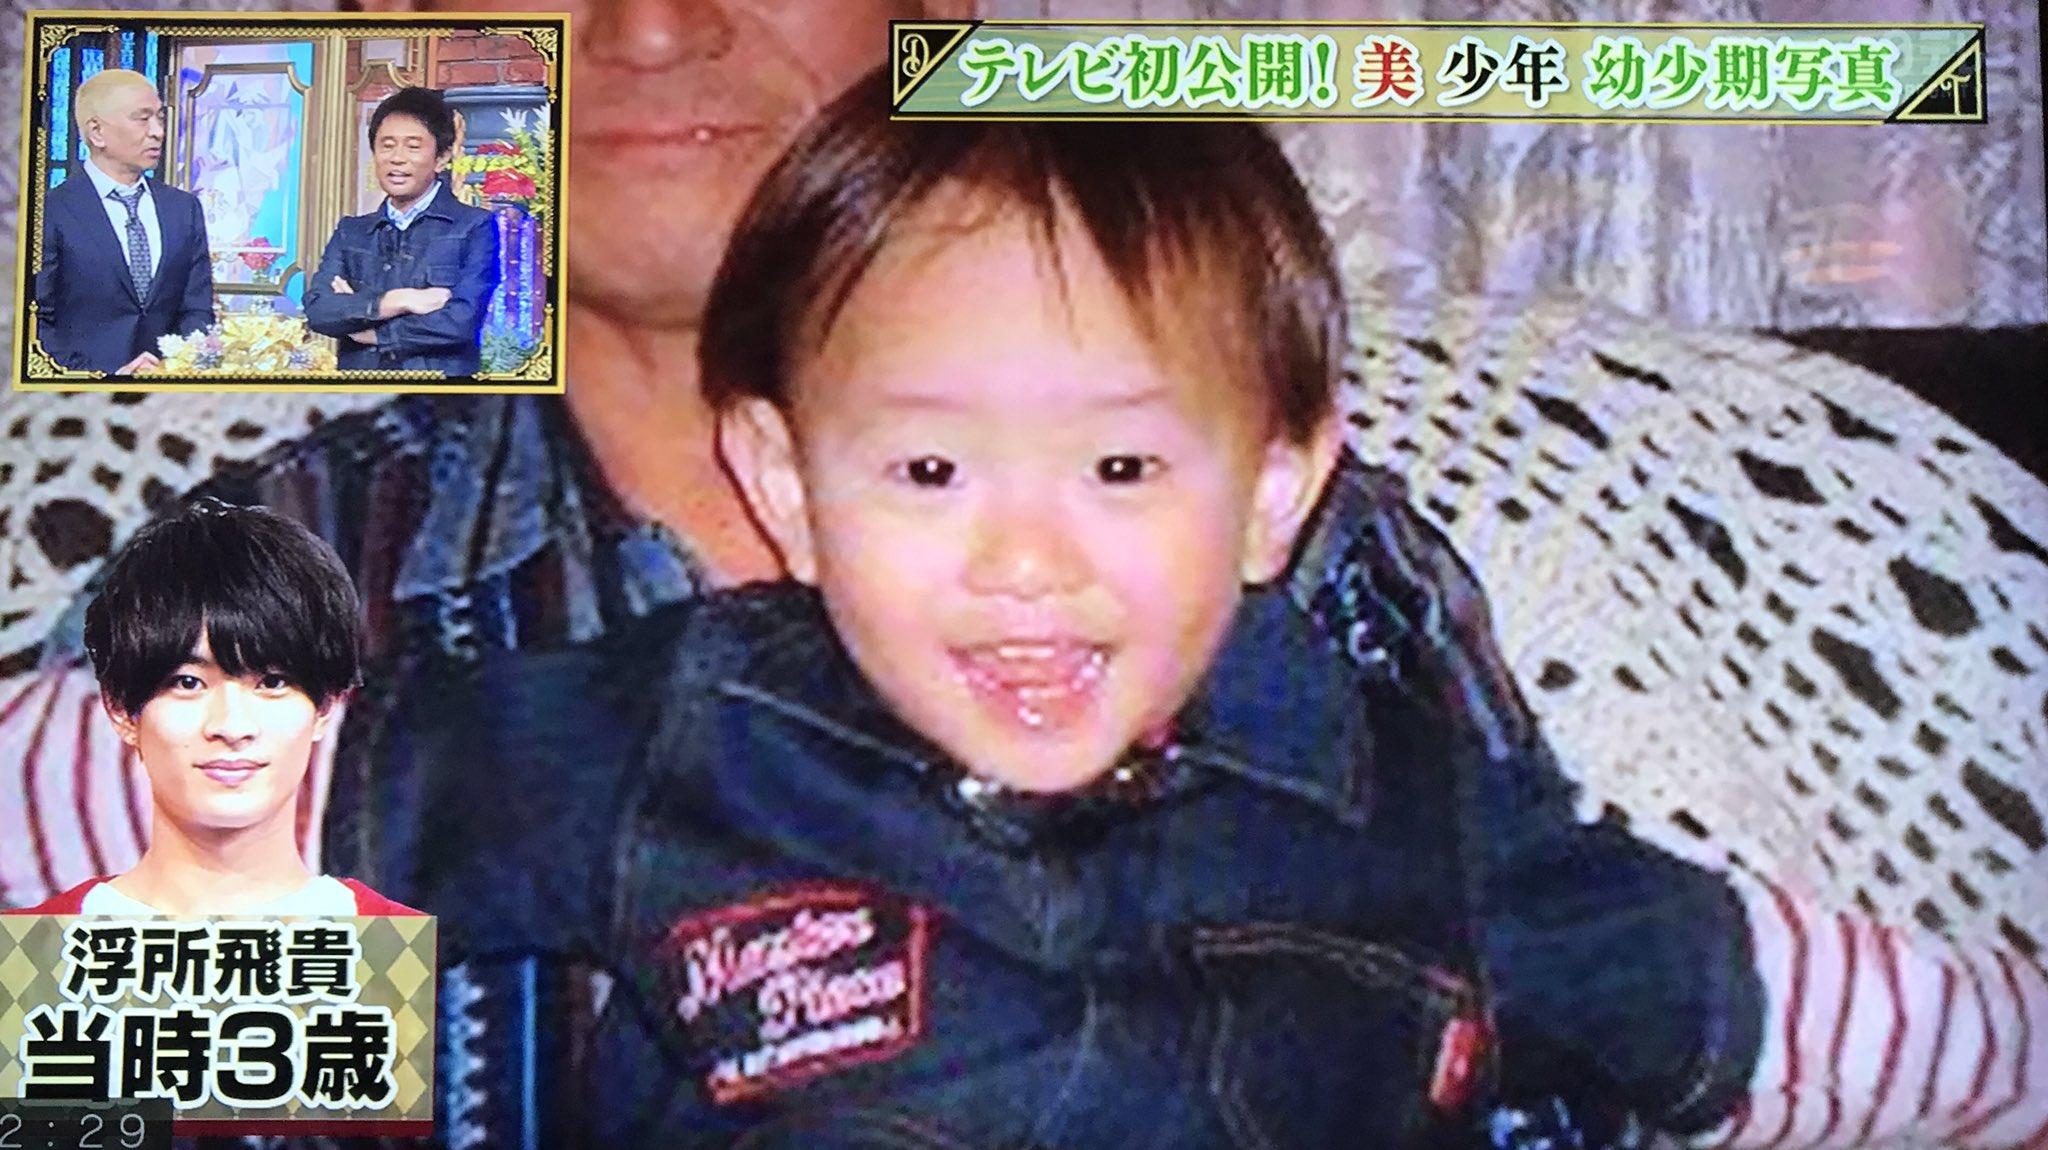 浮所飛貴(うきしょひだか)父親顔画像